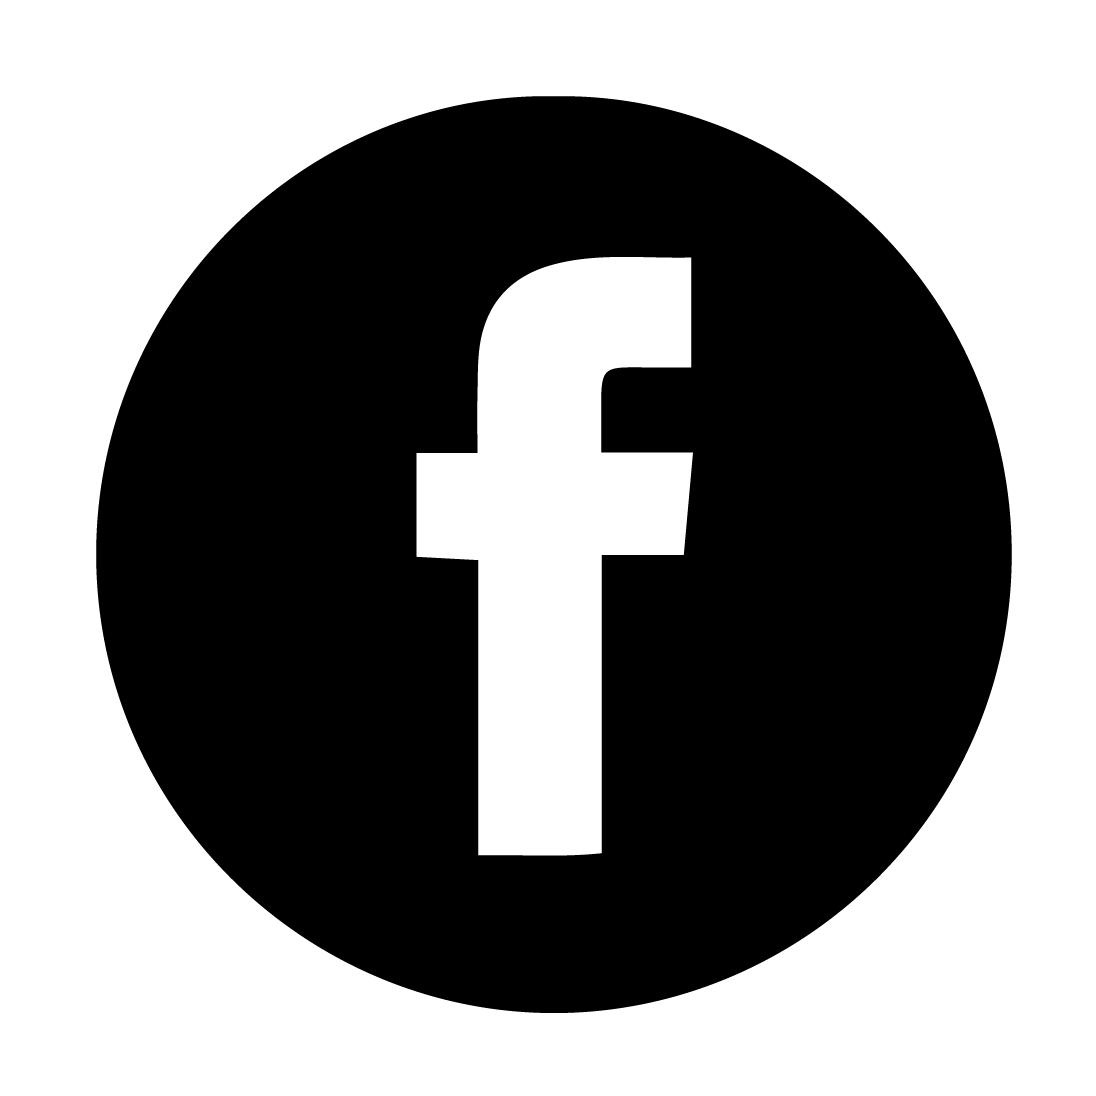 Fotos - Facebook Logo Black And White